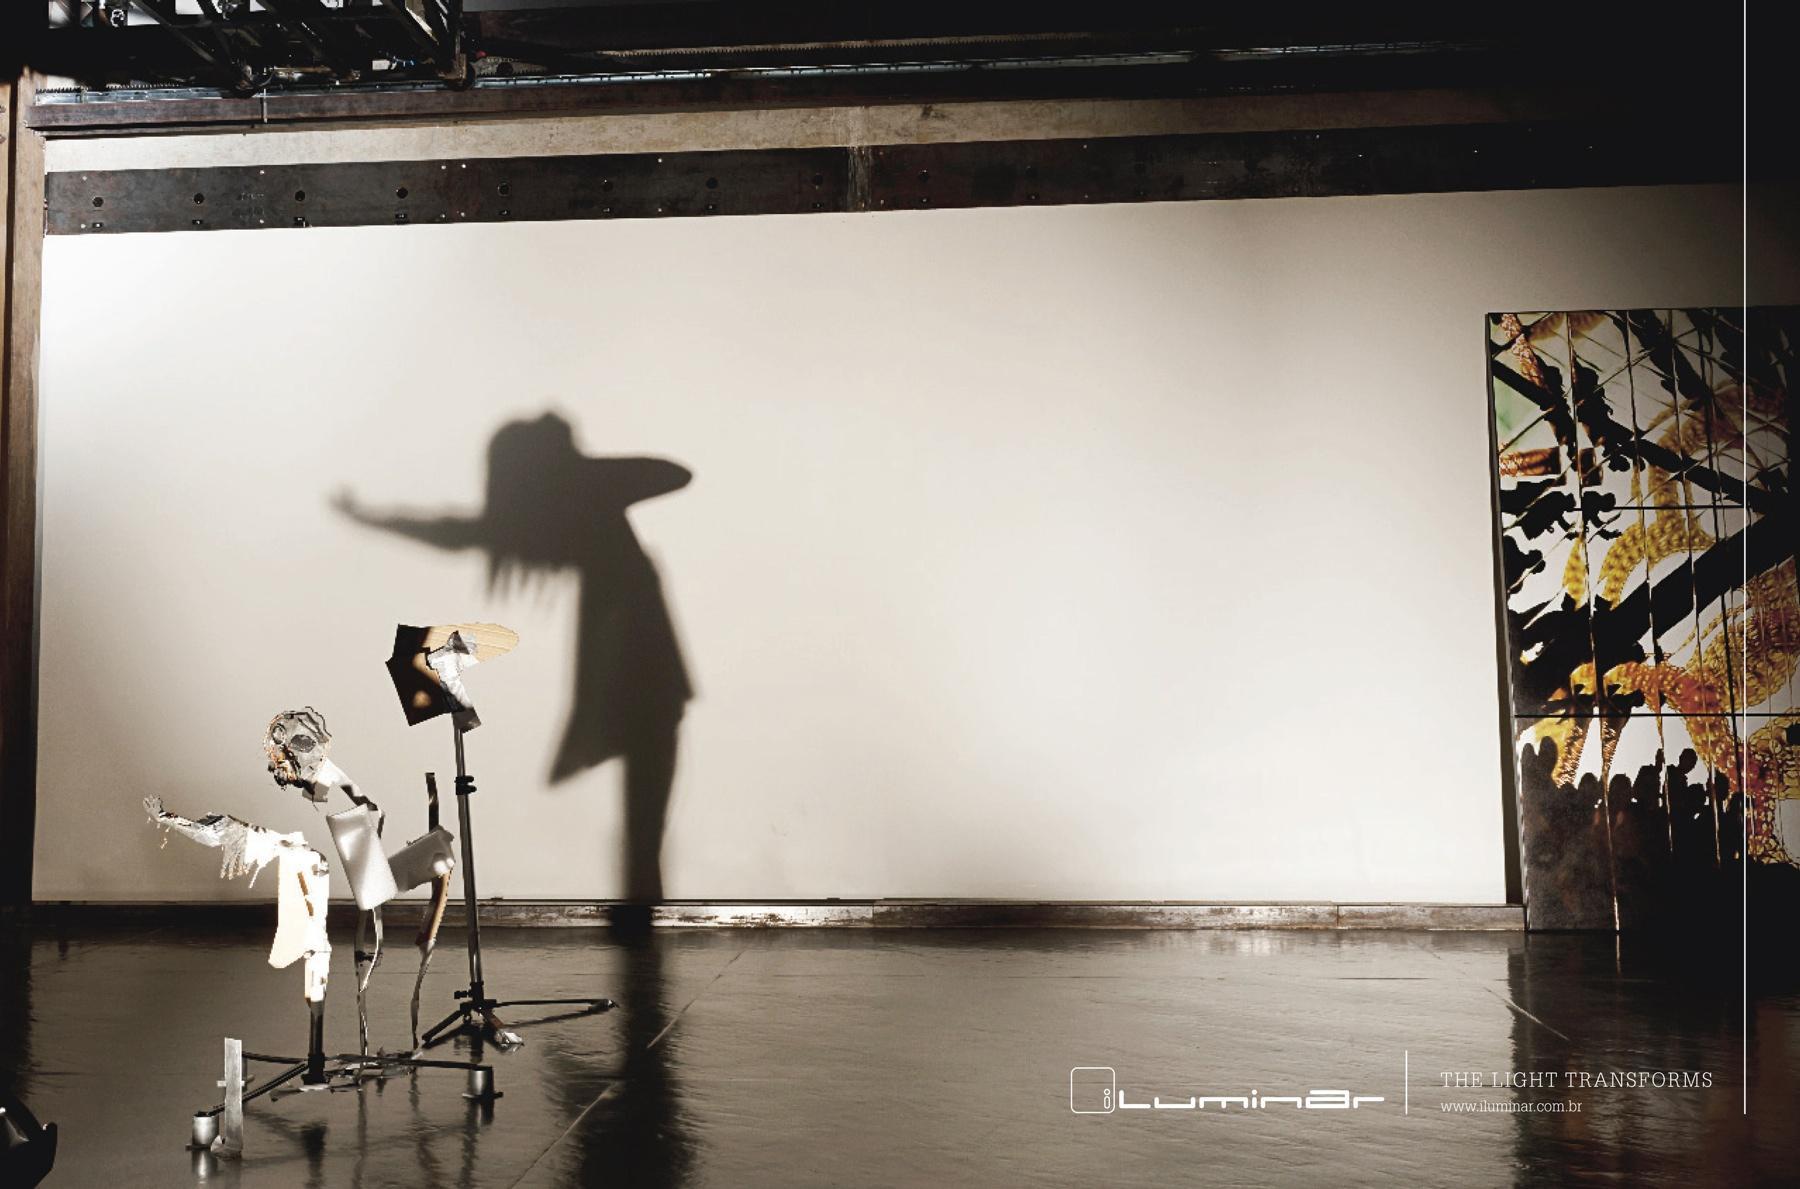 Iluminar Print Ad -  Ballerina